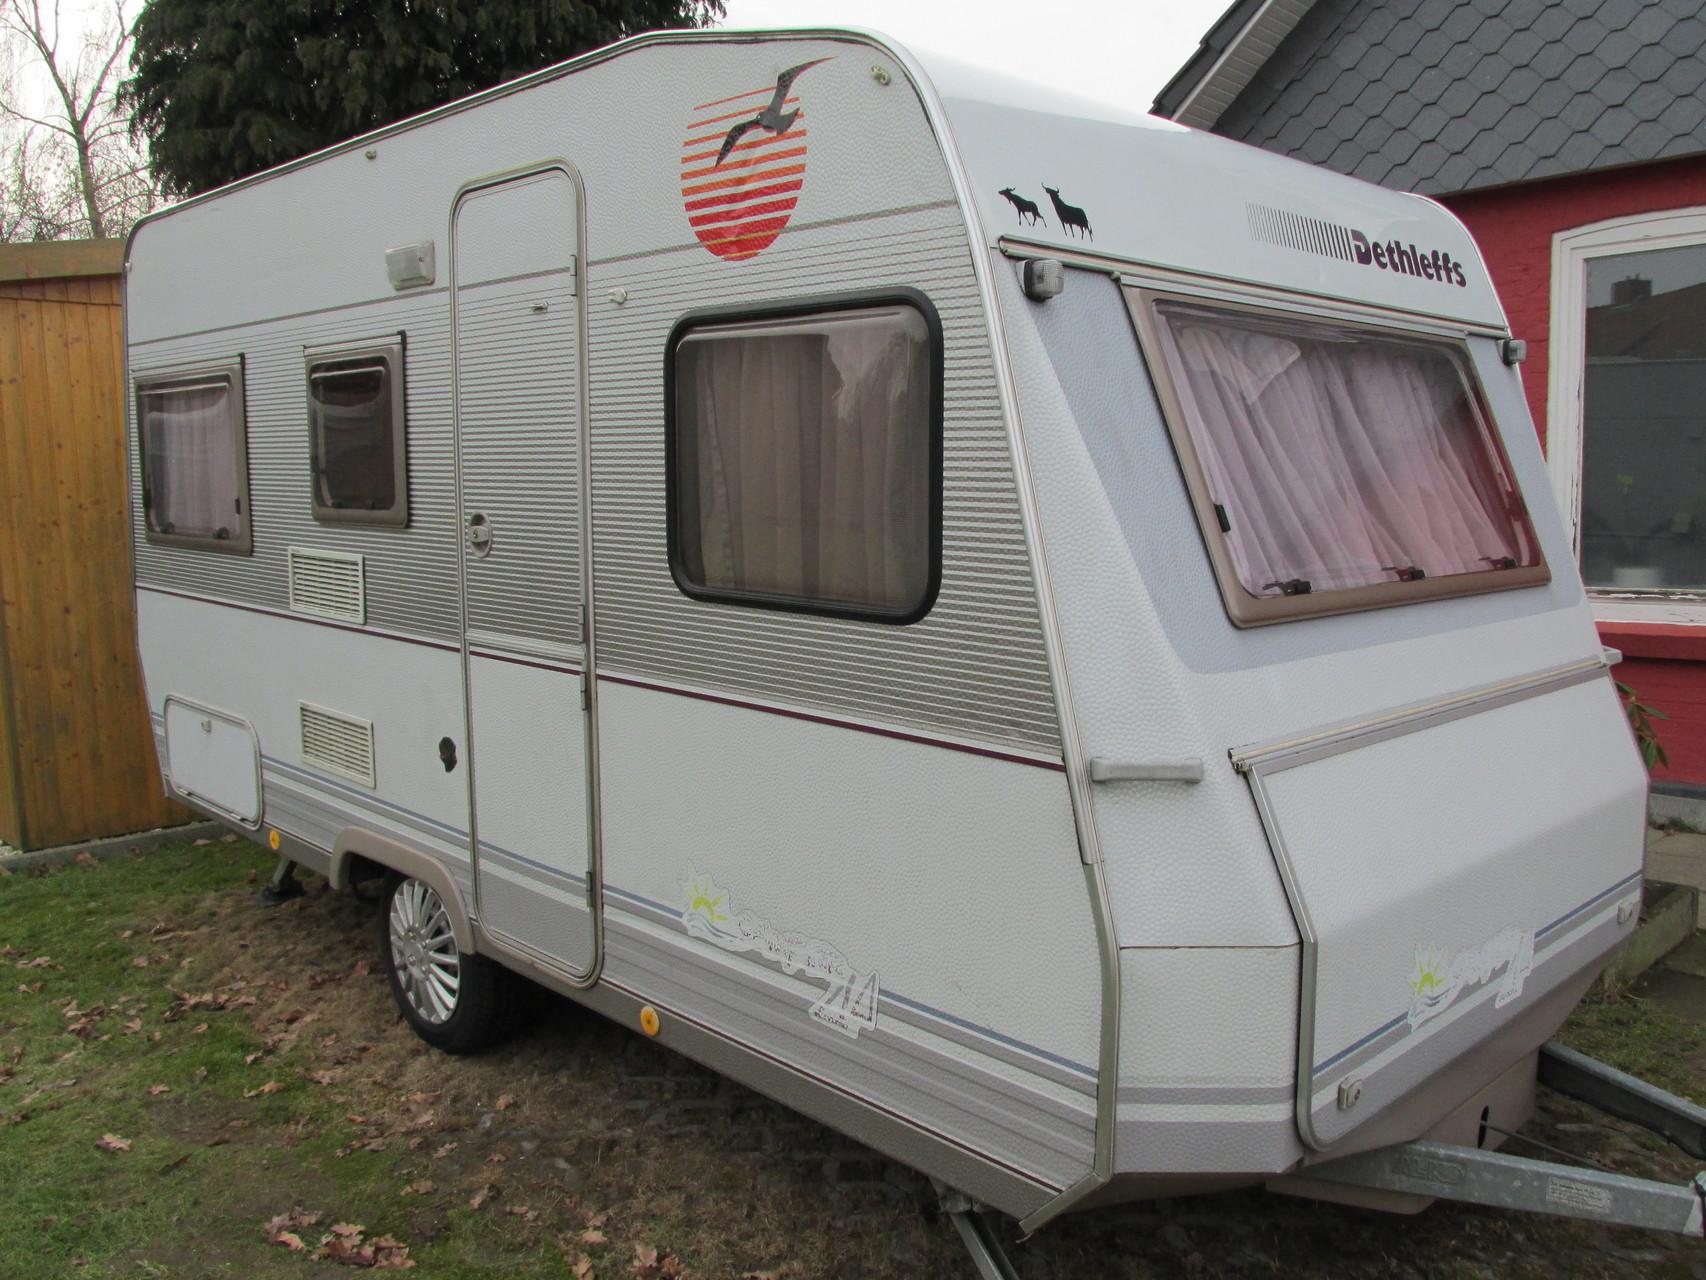 dethleffs camper 430 t camping vermietung. Black Bedroom Furniture Sets. Home Design Ideas